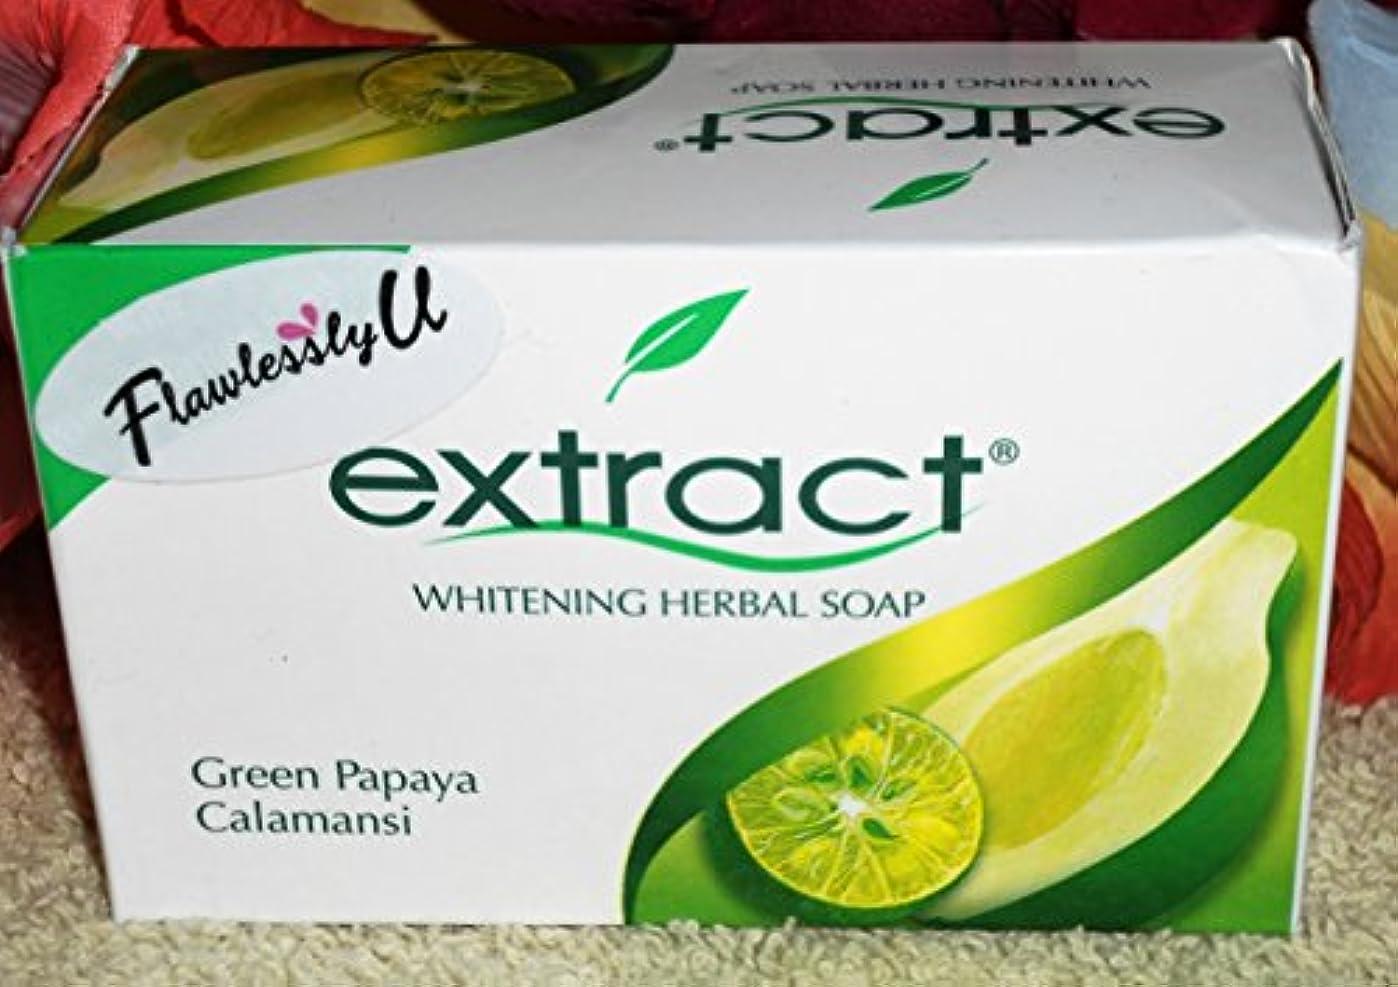 オレンジひばり口述Flswlessly U Green Papaya&Calamansi soap 2in1 125g